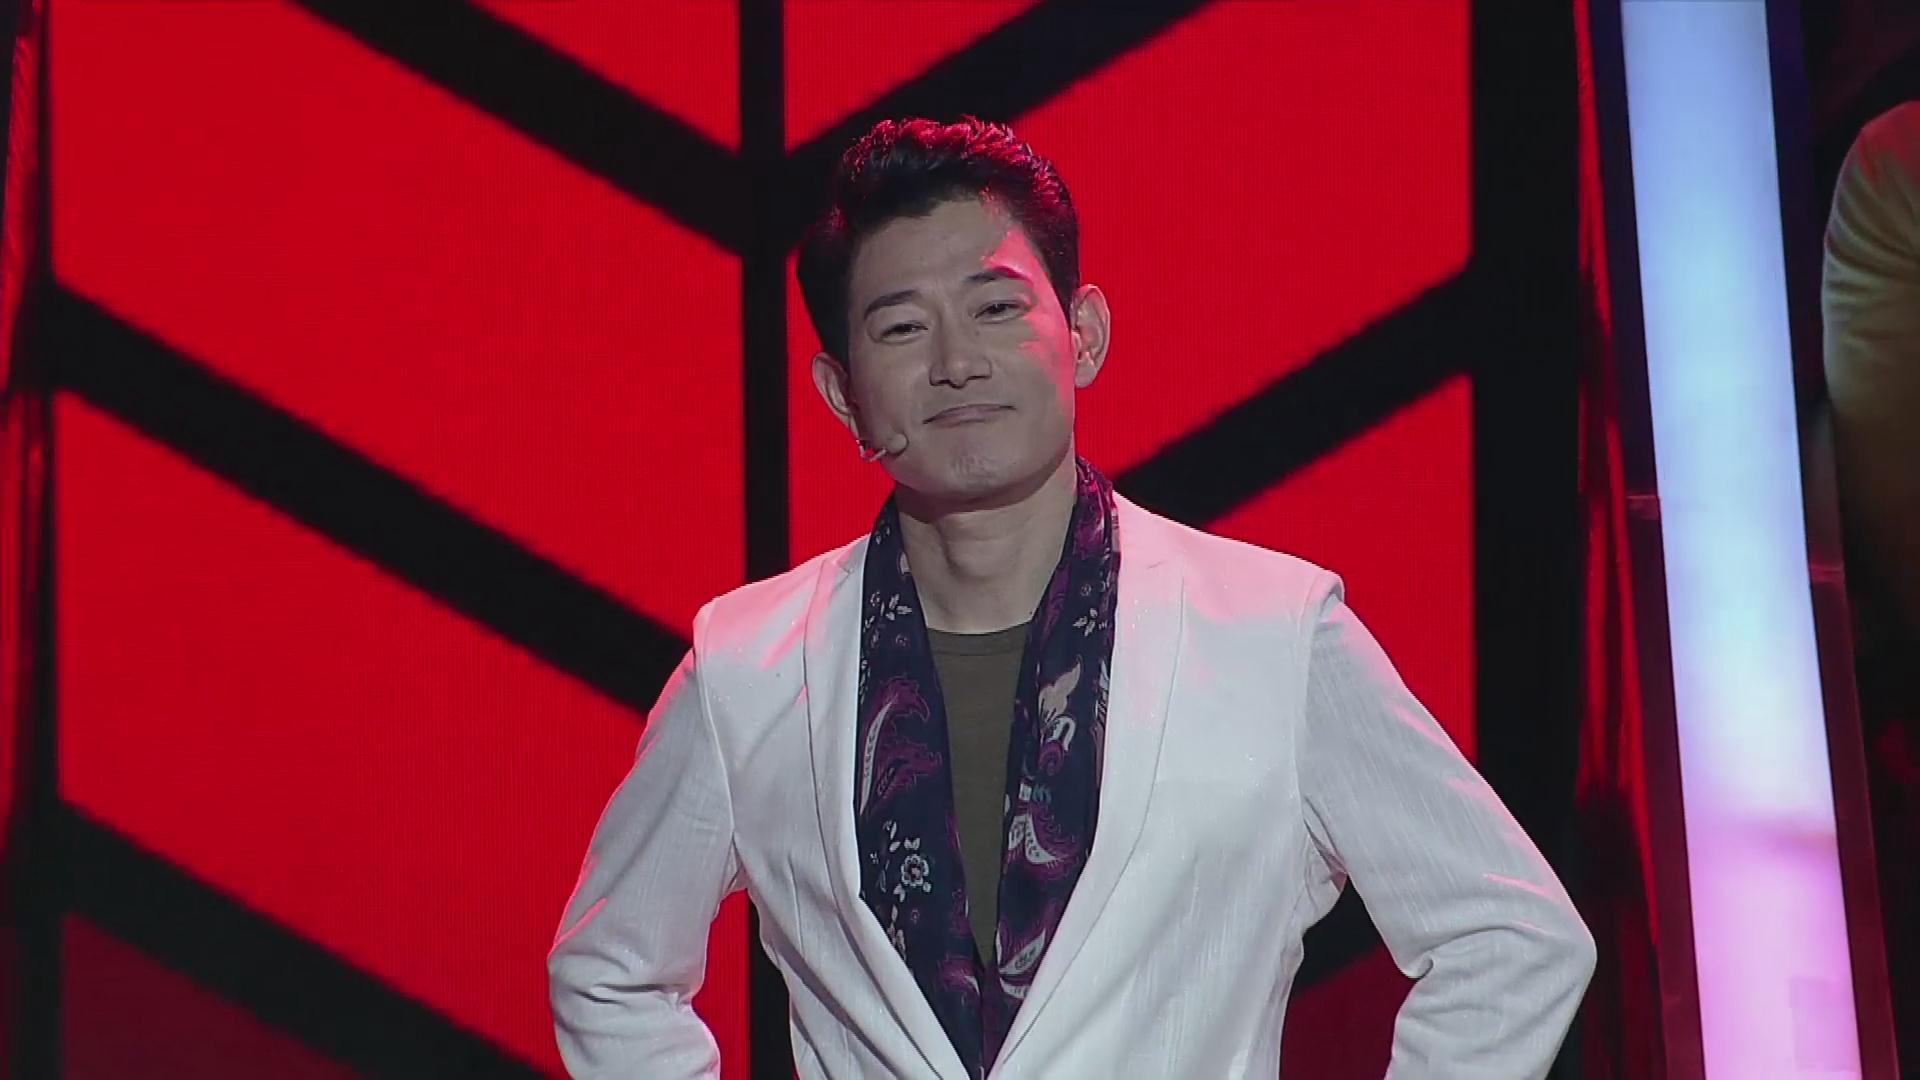 一站到底:演过无数国产电视剧的矢野浩二,你一定认得他这张脸